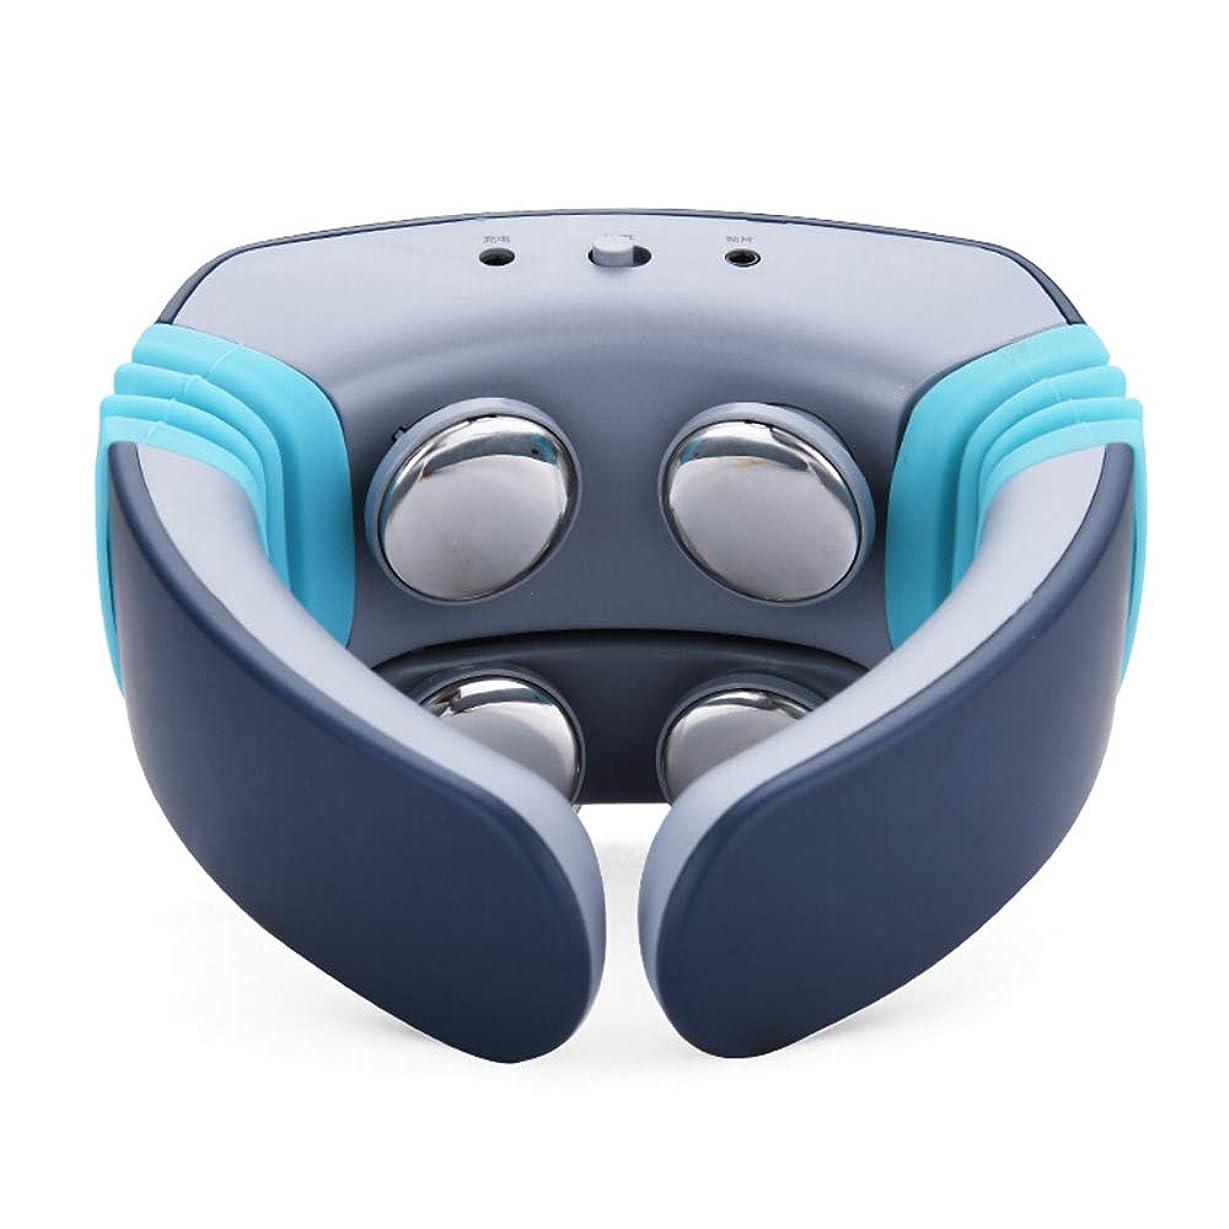 性能それによってあたりインテリジェント子宮頸マッサージャー-電気パルス子宮頸マッサージャー、4Dマグネットワイヤレスネックマッサージャー,ブルー